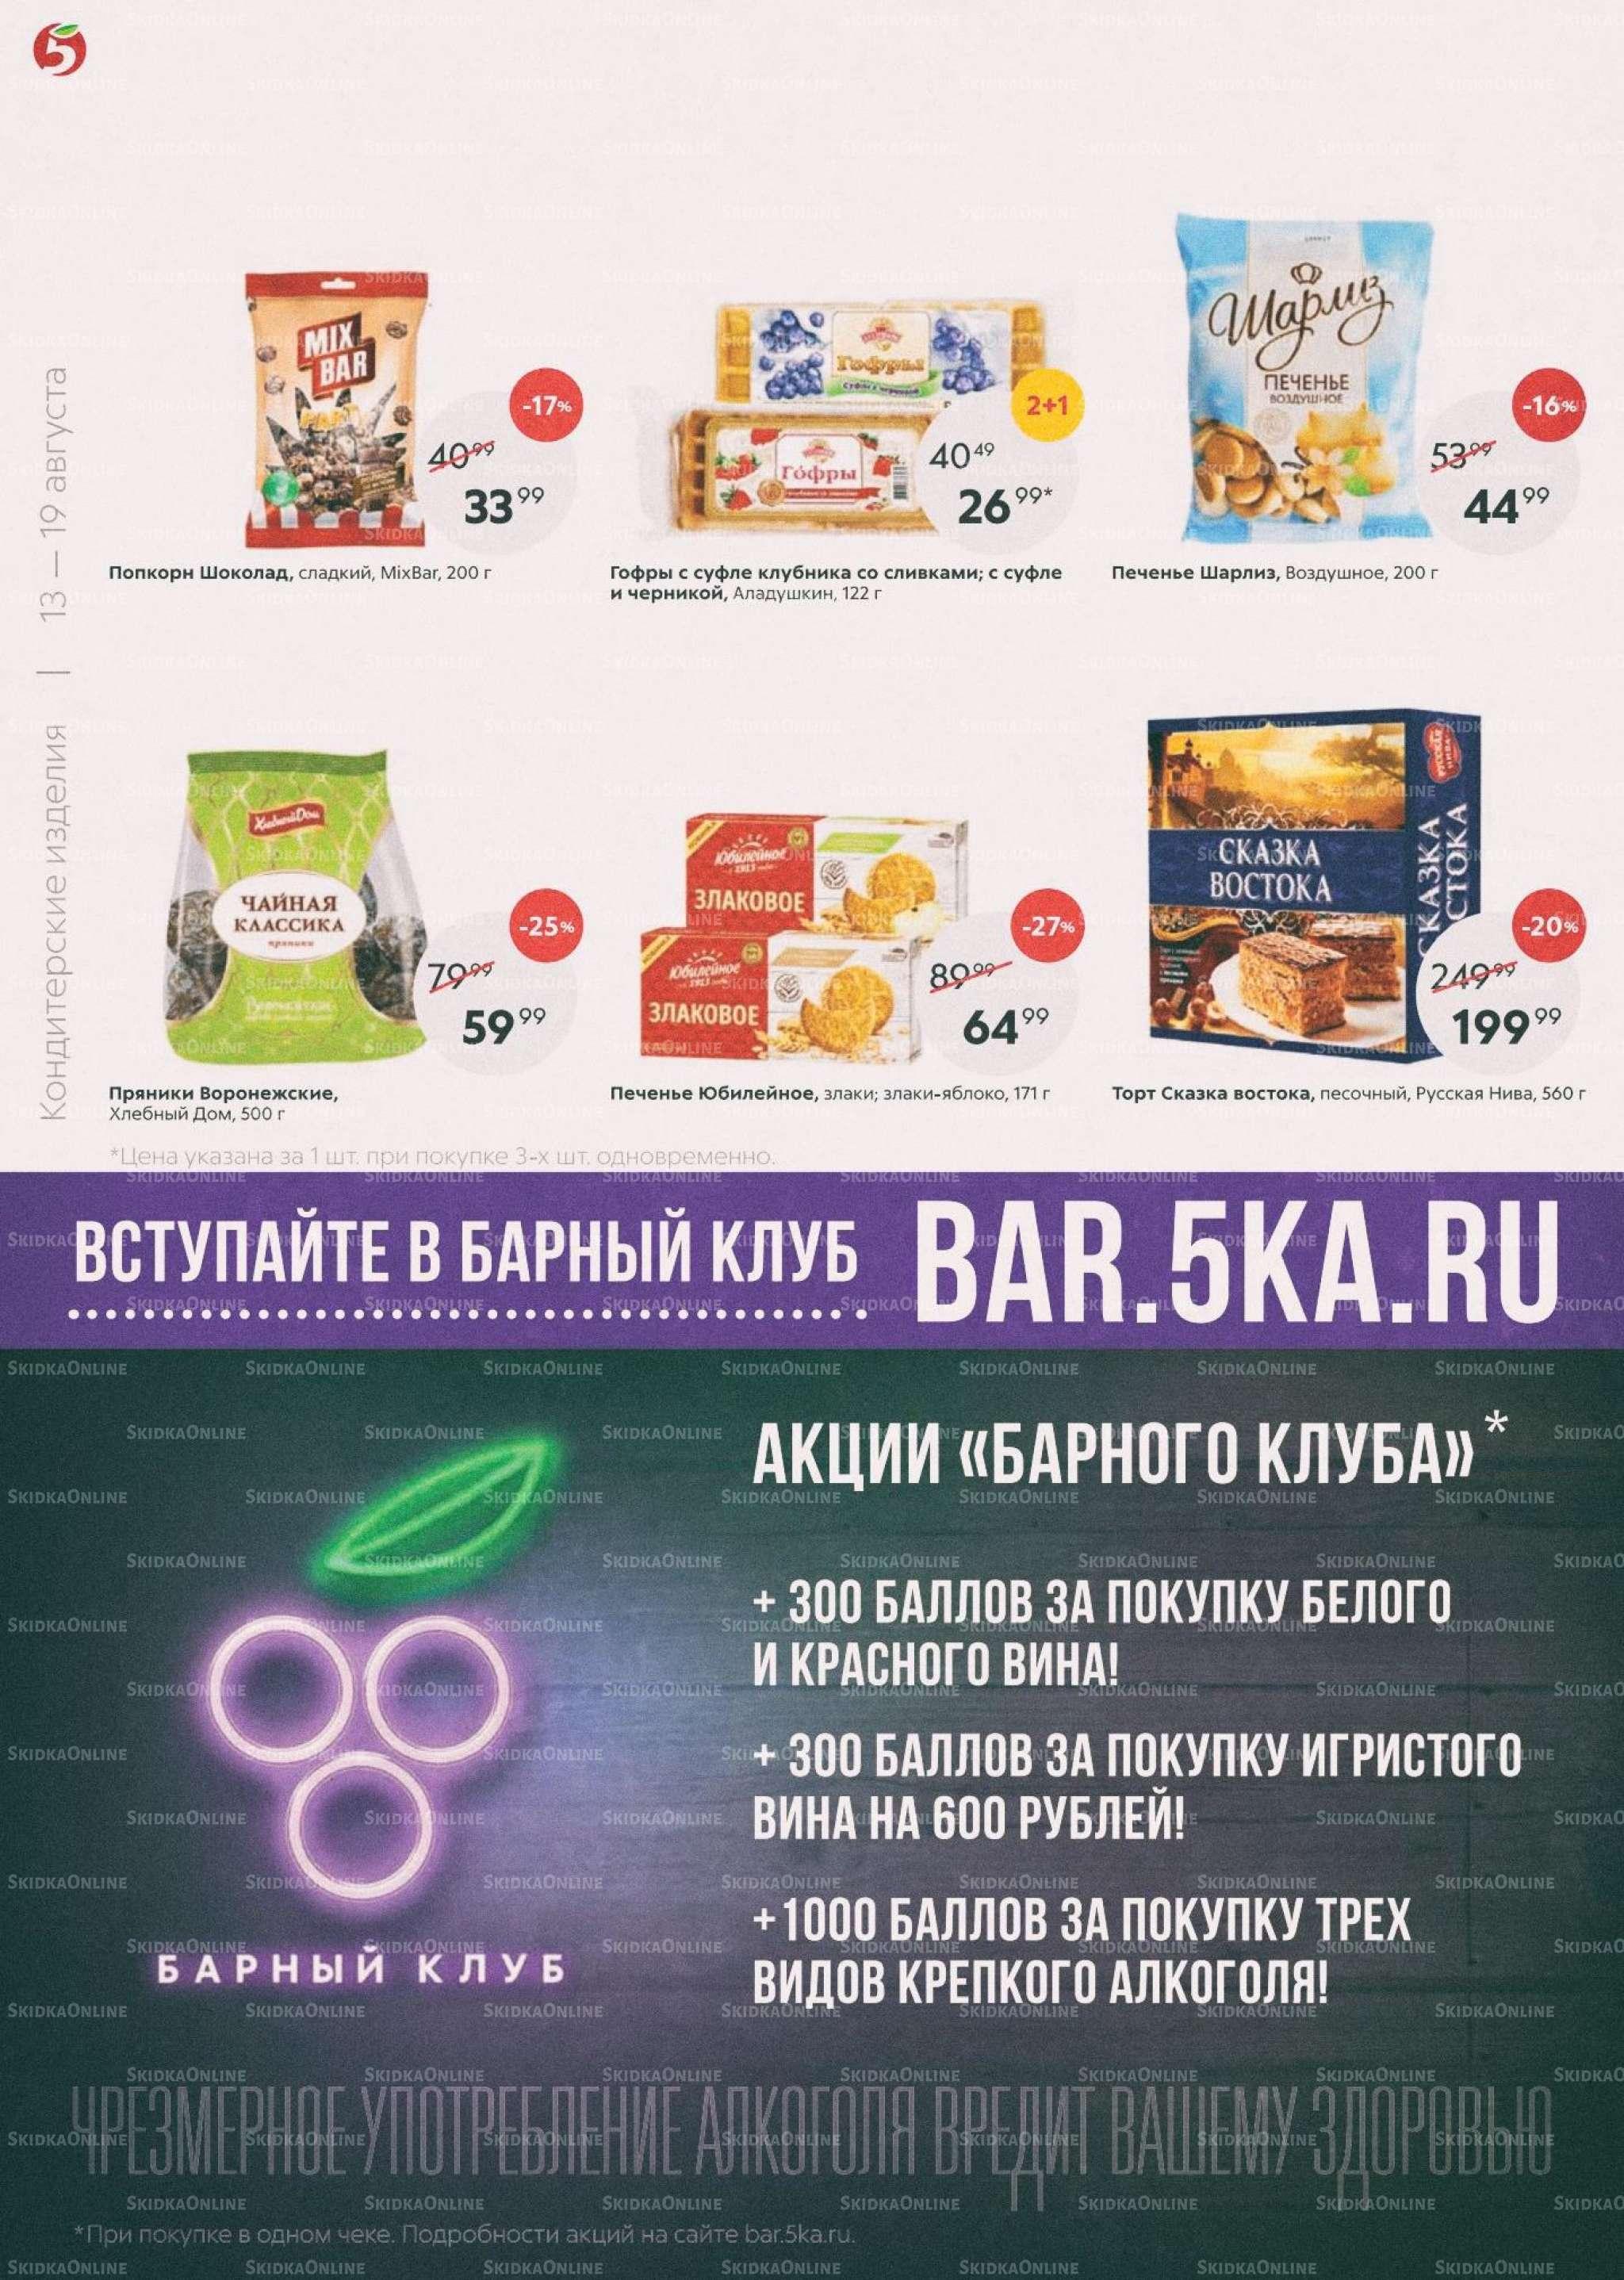 Акции в Пятёрочке с 13 по 19 августа 2019 года